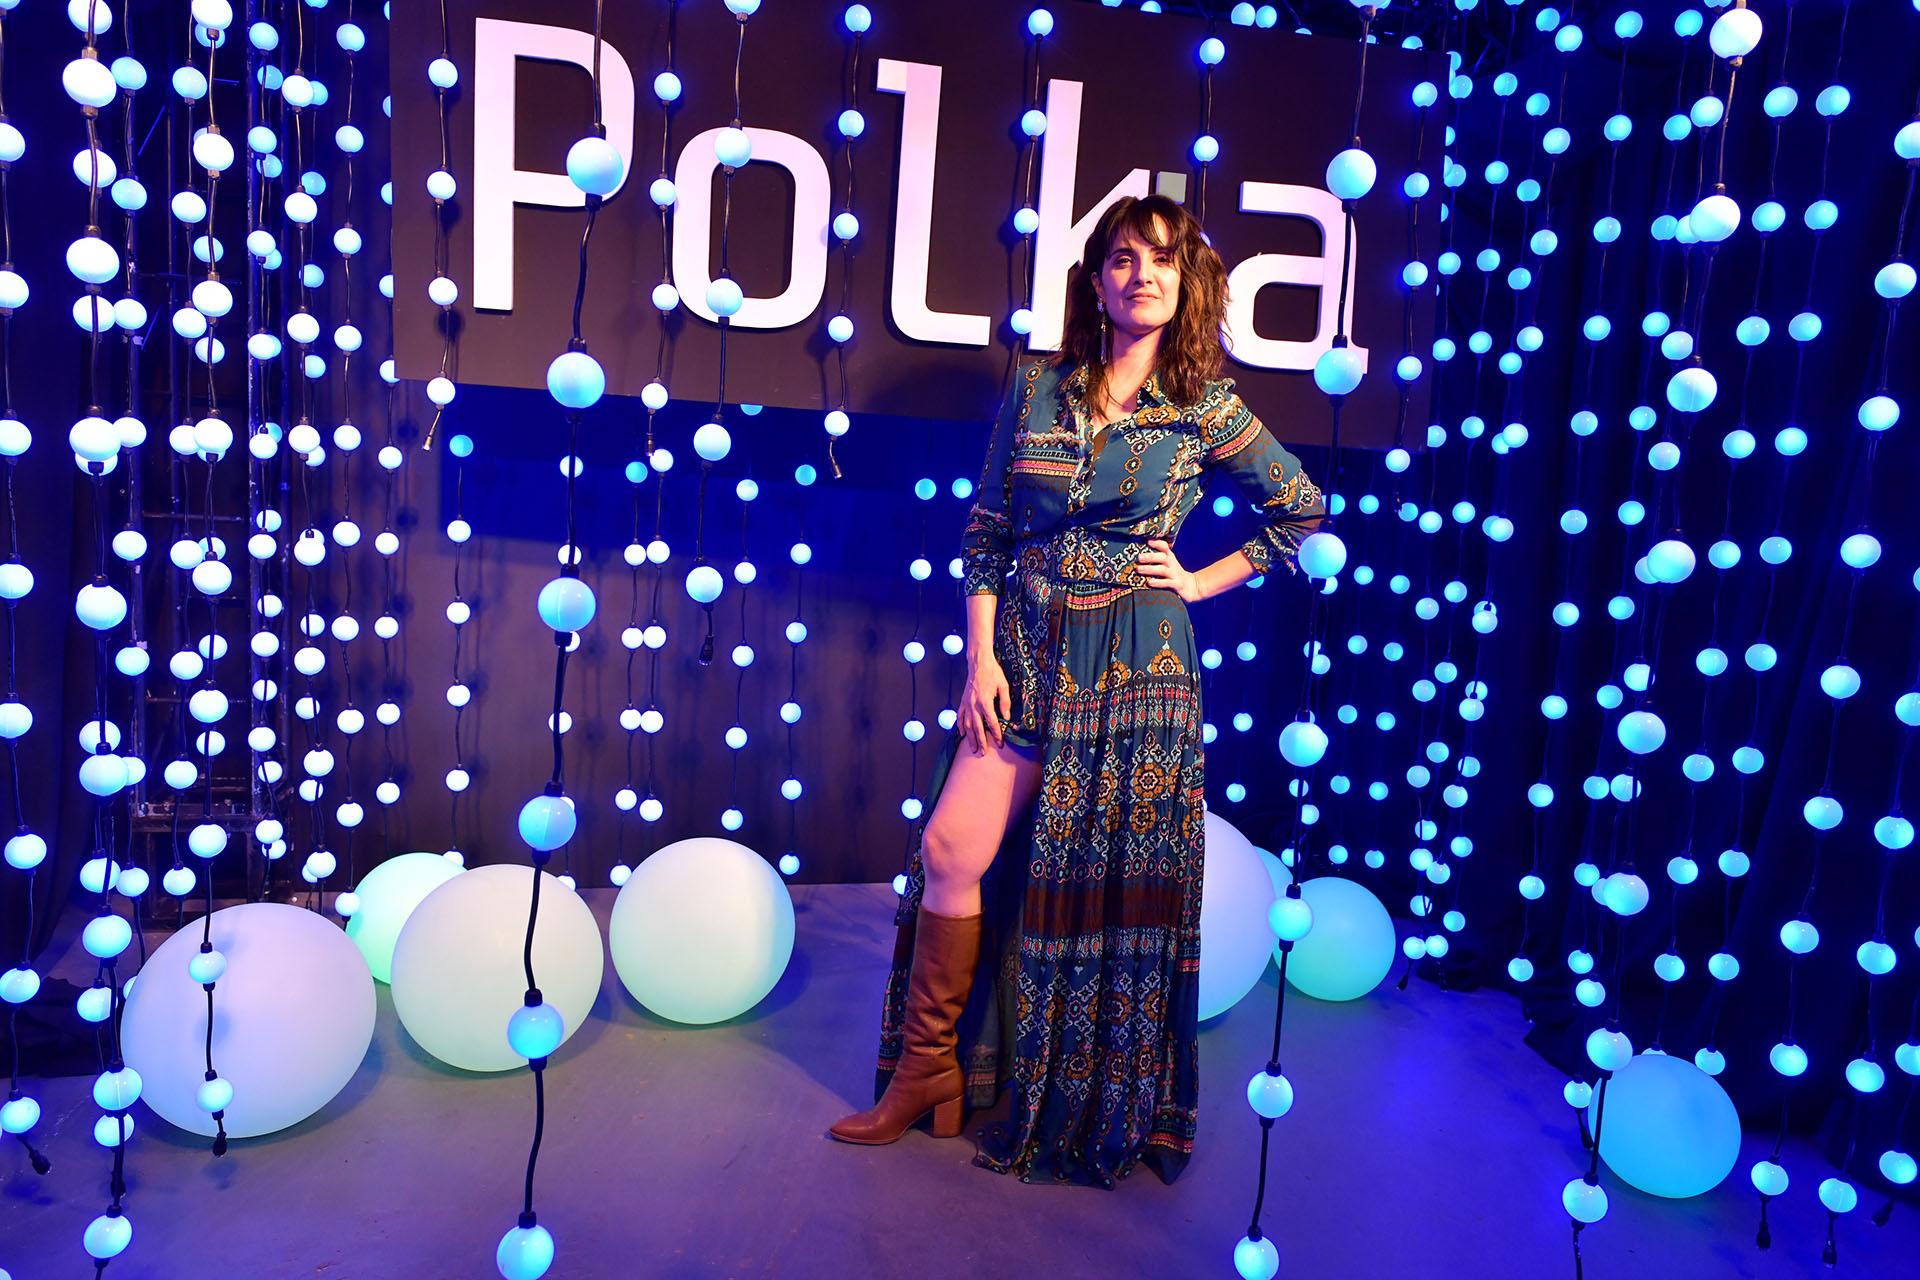 """Julieta Díaz posó con el fondo de Polka. En el festejo, se dio a conocer el nuevo logo de la productora que unifica ambas partes (""""Pol"""" y """"Ka"""") formando una sola palabra y dejando de lado el guion"""